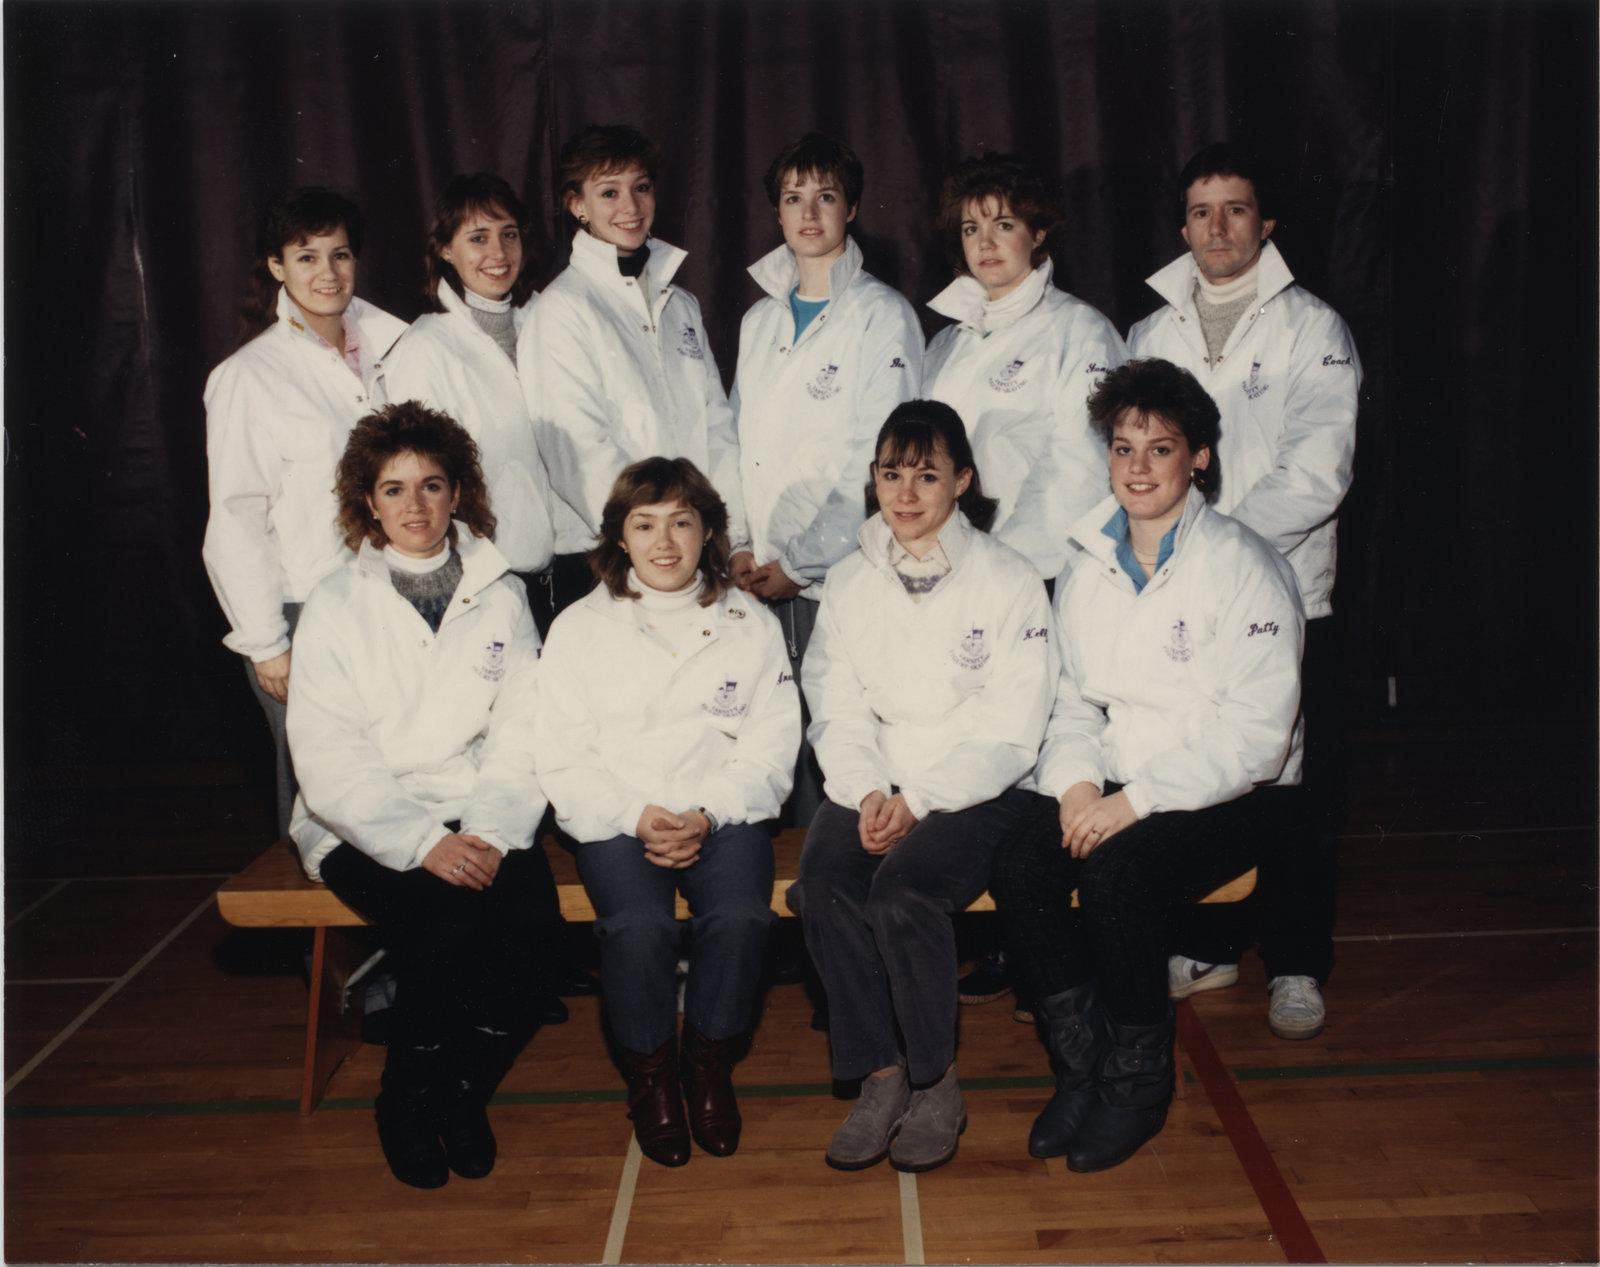 Wilfrid Laurier University figure skating team, 1986-1987